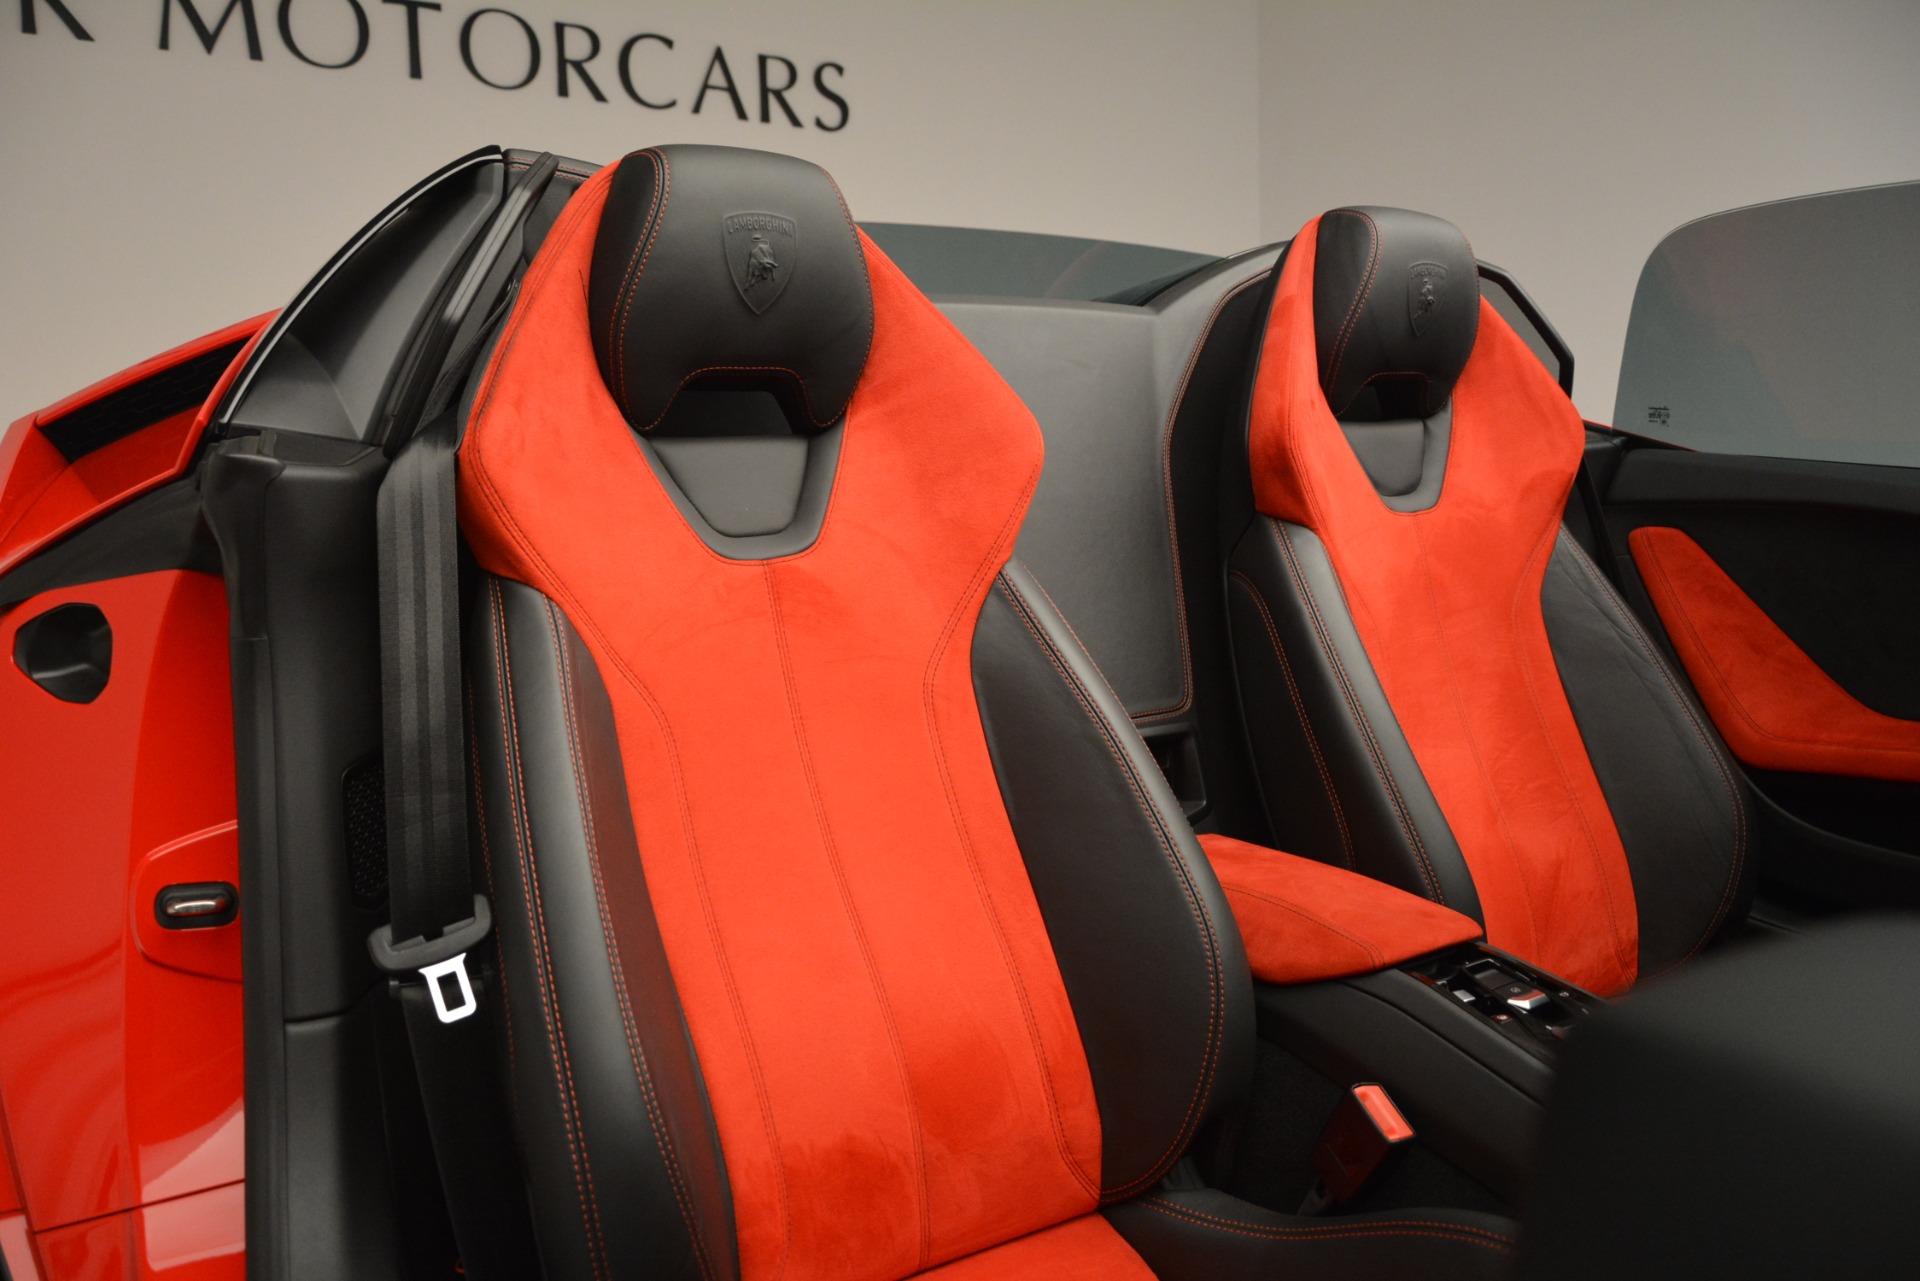 Used 2017 Lamborghini Huracan LP 610-4 Spyder For Sale In Westport, CT 3270_p17